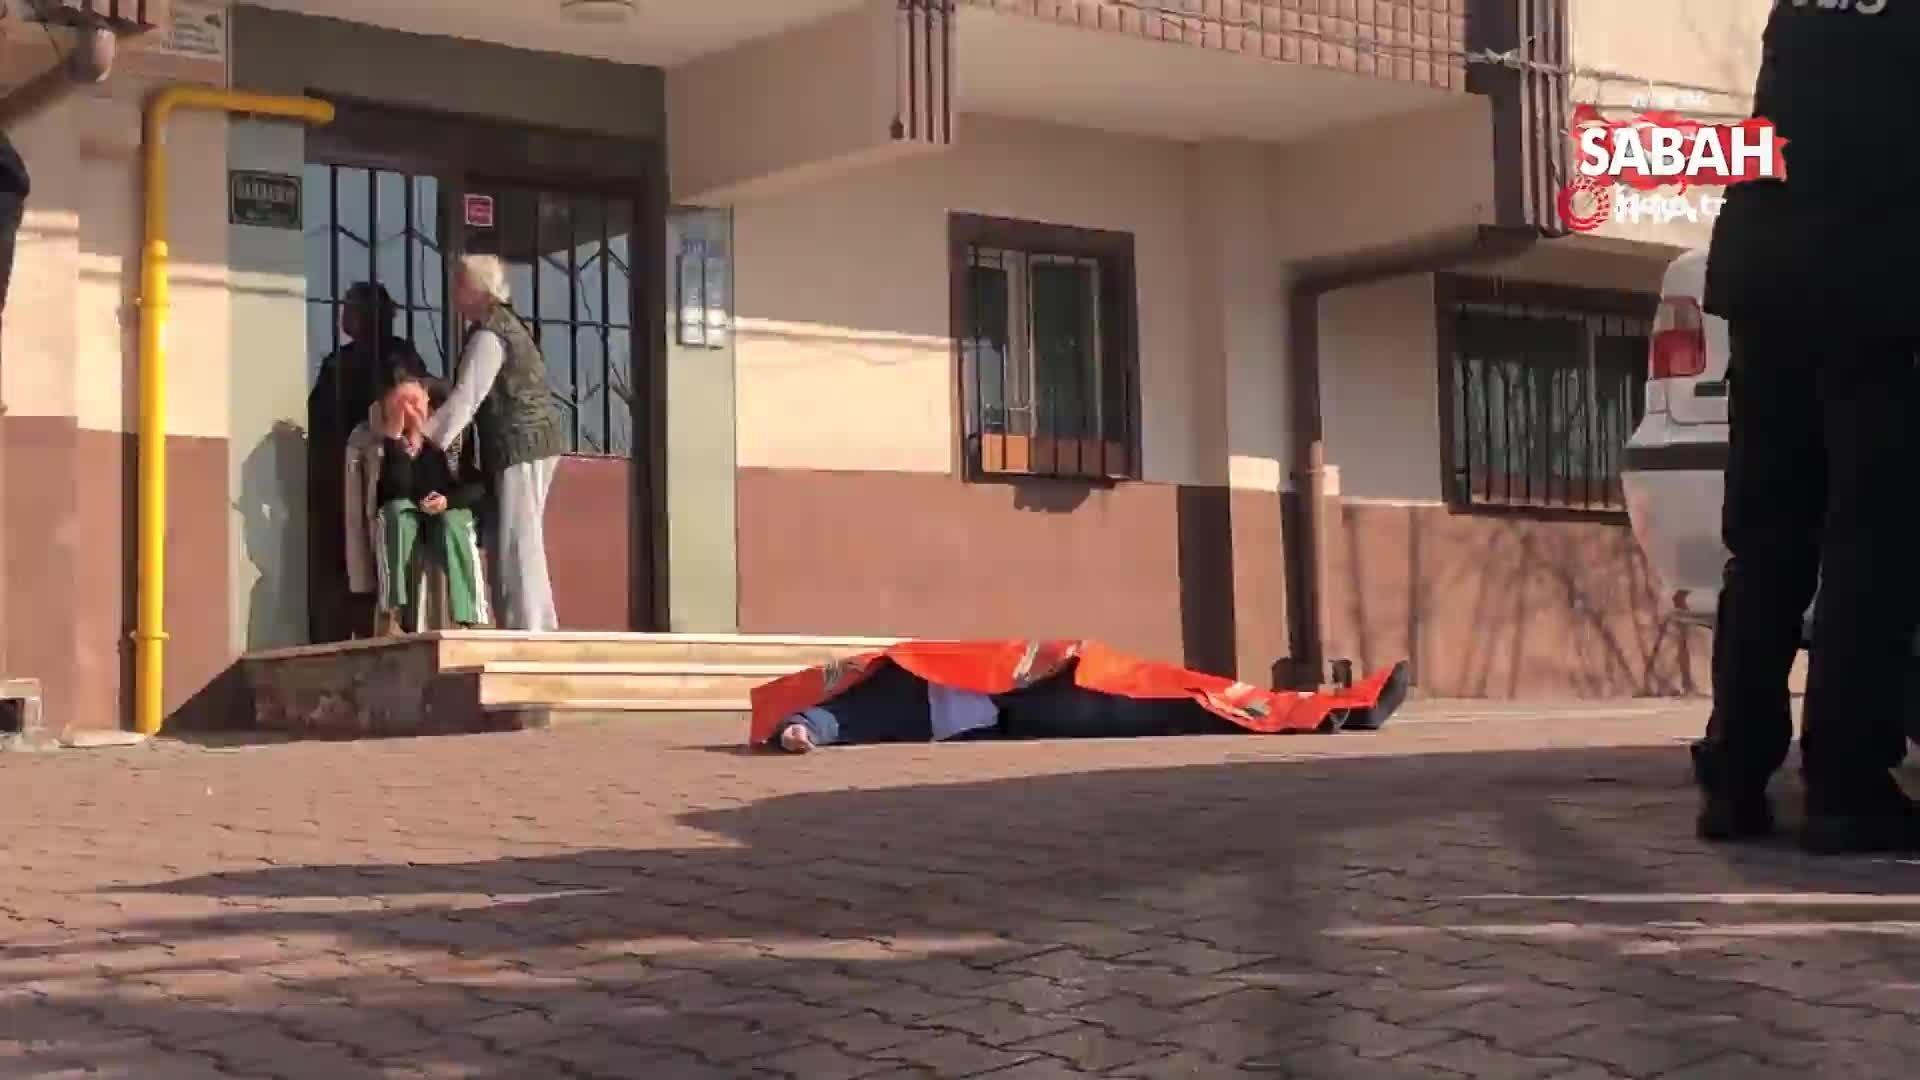 Kocaeli'nin İzmit ilçesinde 7  kattan atlayarak intihar eden şahsın  karısının feryatları yürek burktu